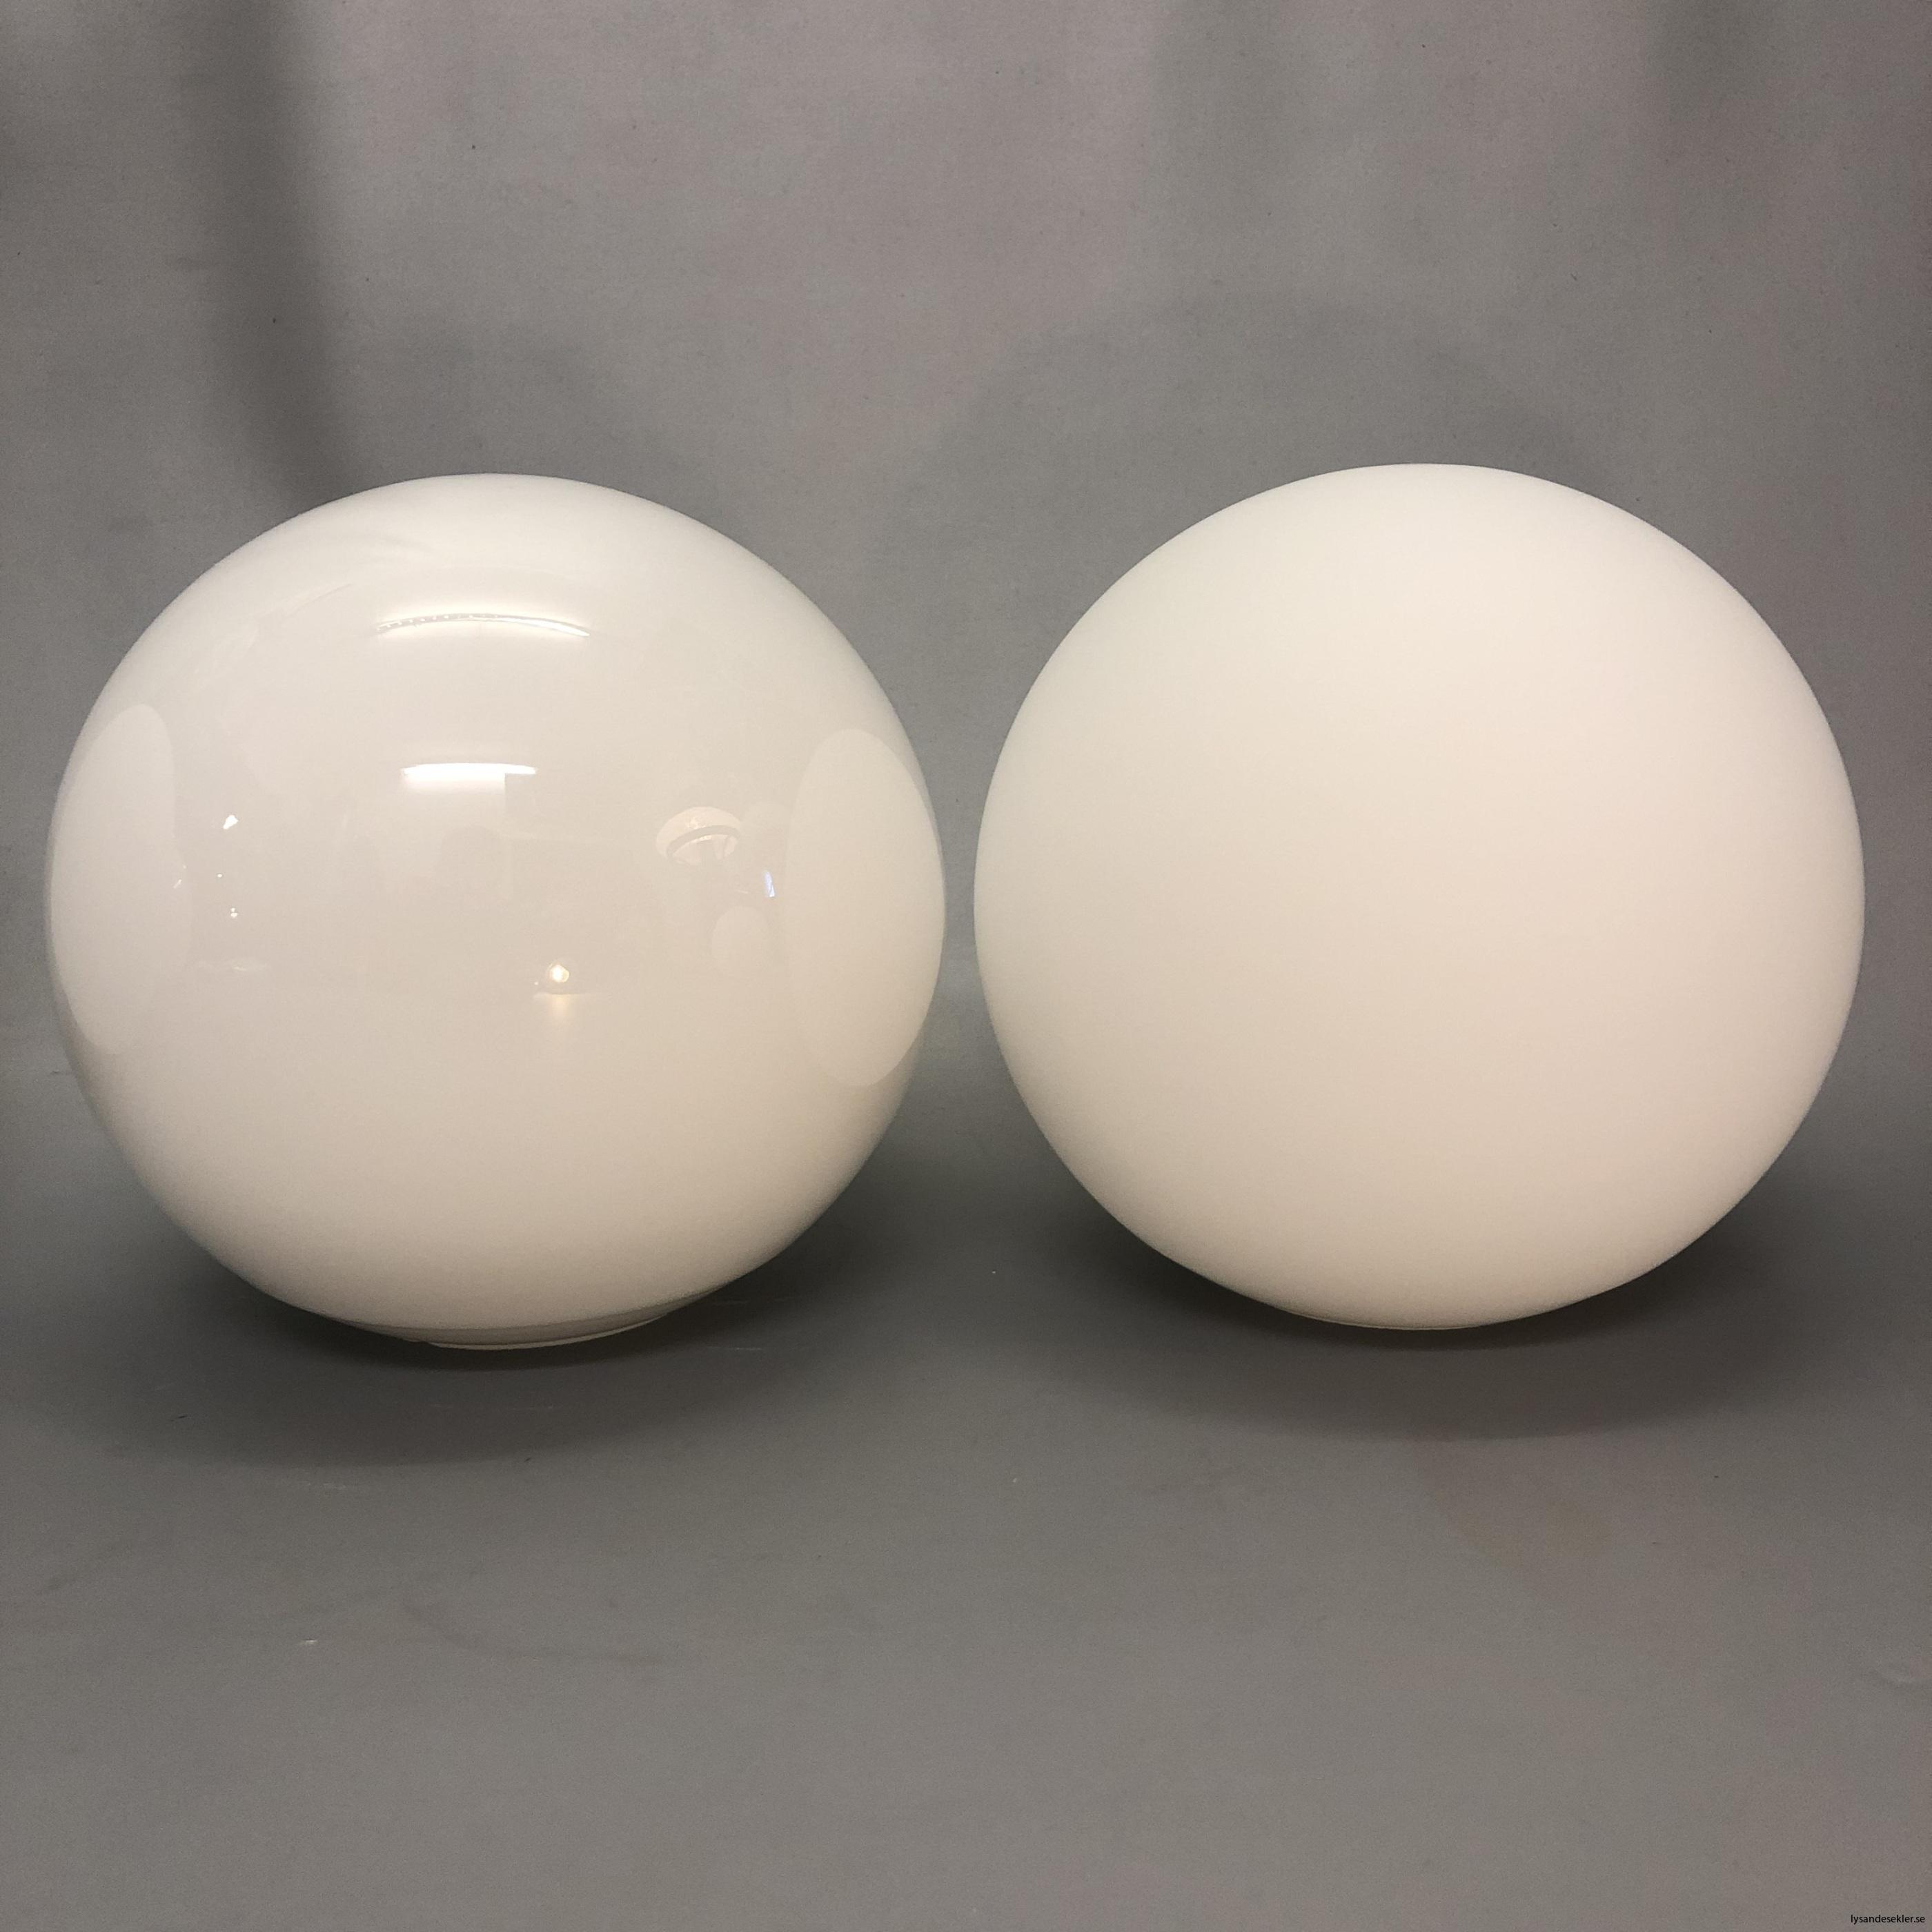 klot glas lampklot lampglas klotglas matt blankt vitt hålkupa hål5